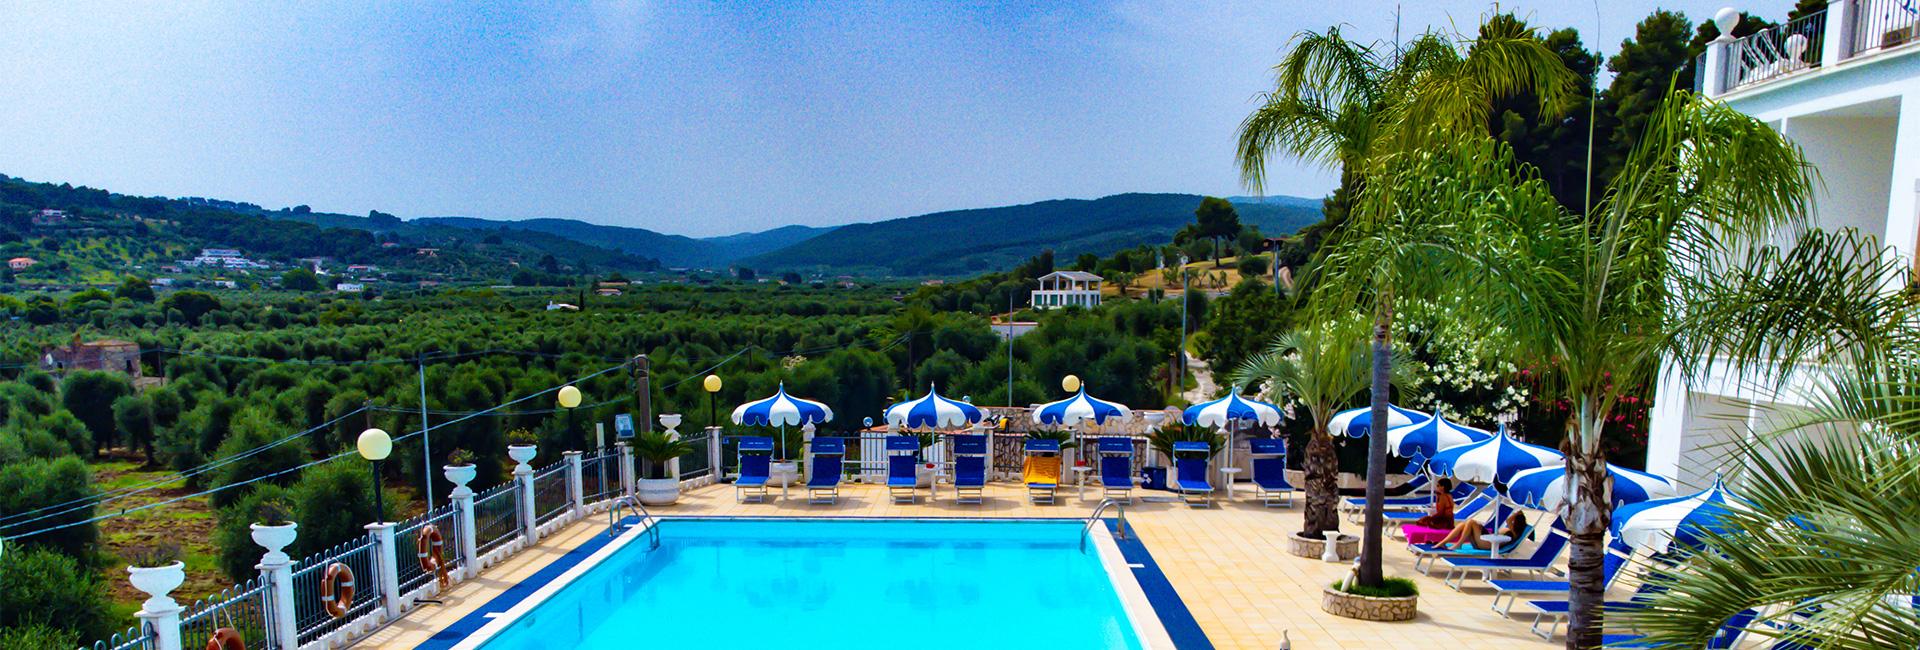 Hotel orchidea peschici hotel 3 stelle con piscina sul - Hotel sul mare con piscina ...